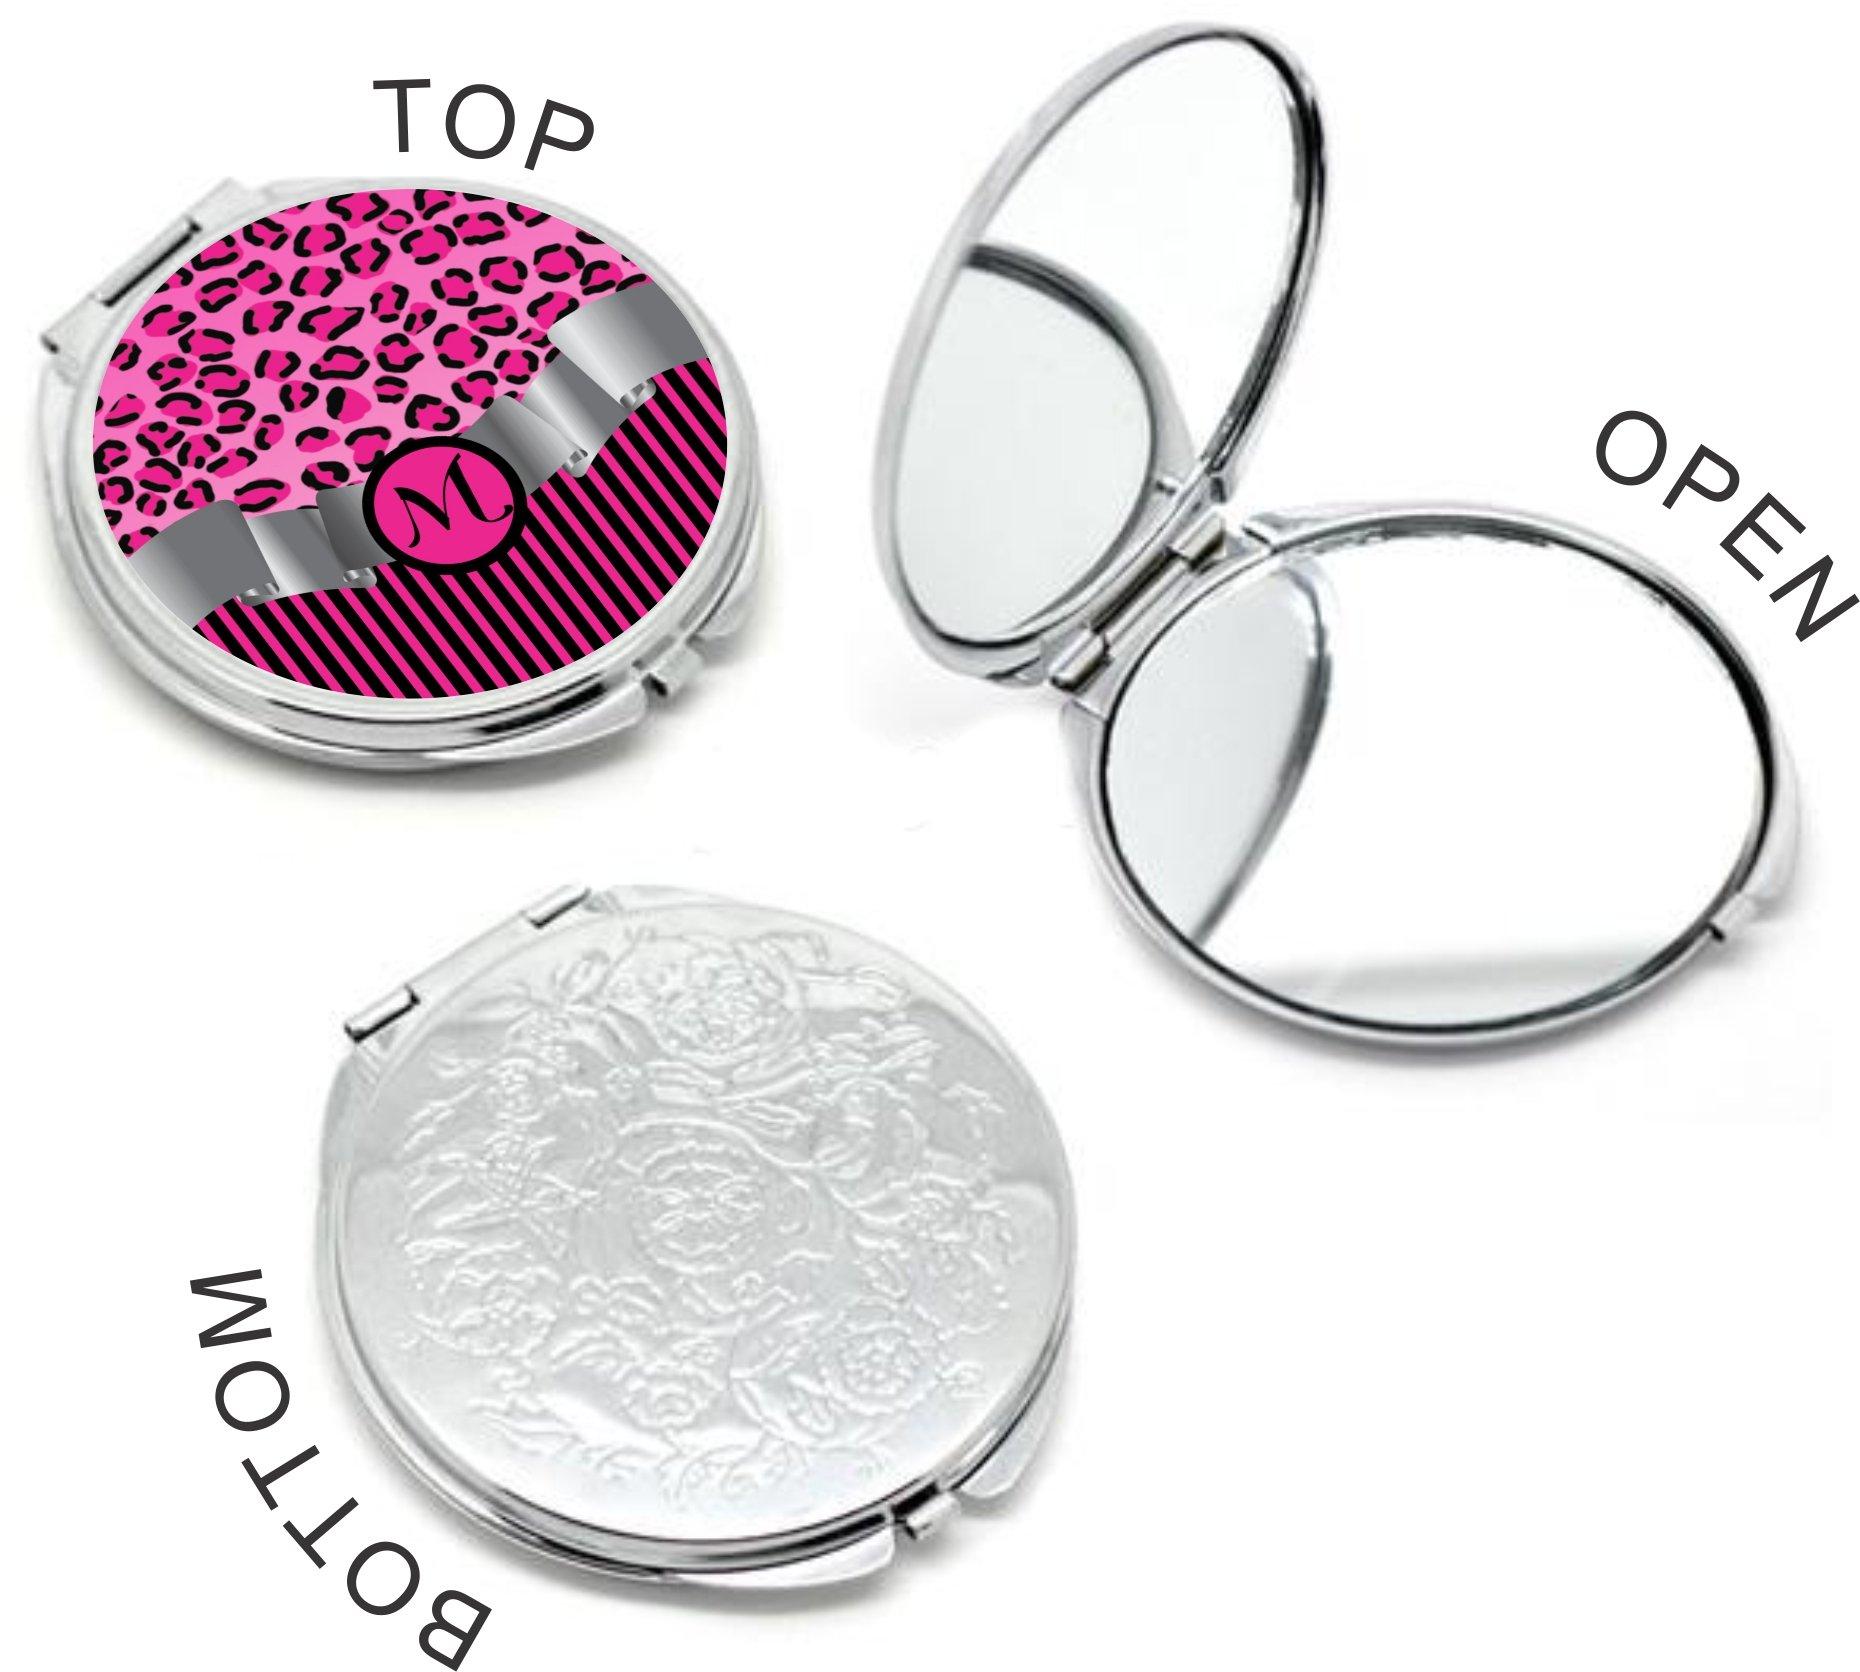 Rikki Knight Letter''M'' Hot Pink Leopard Print Stripes Monogram Design Round Compact Mirror